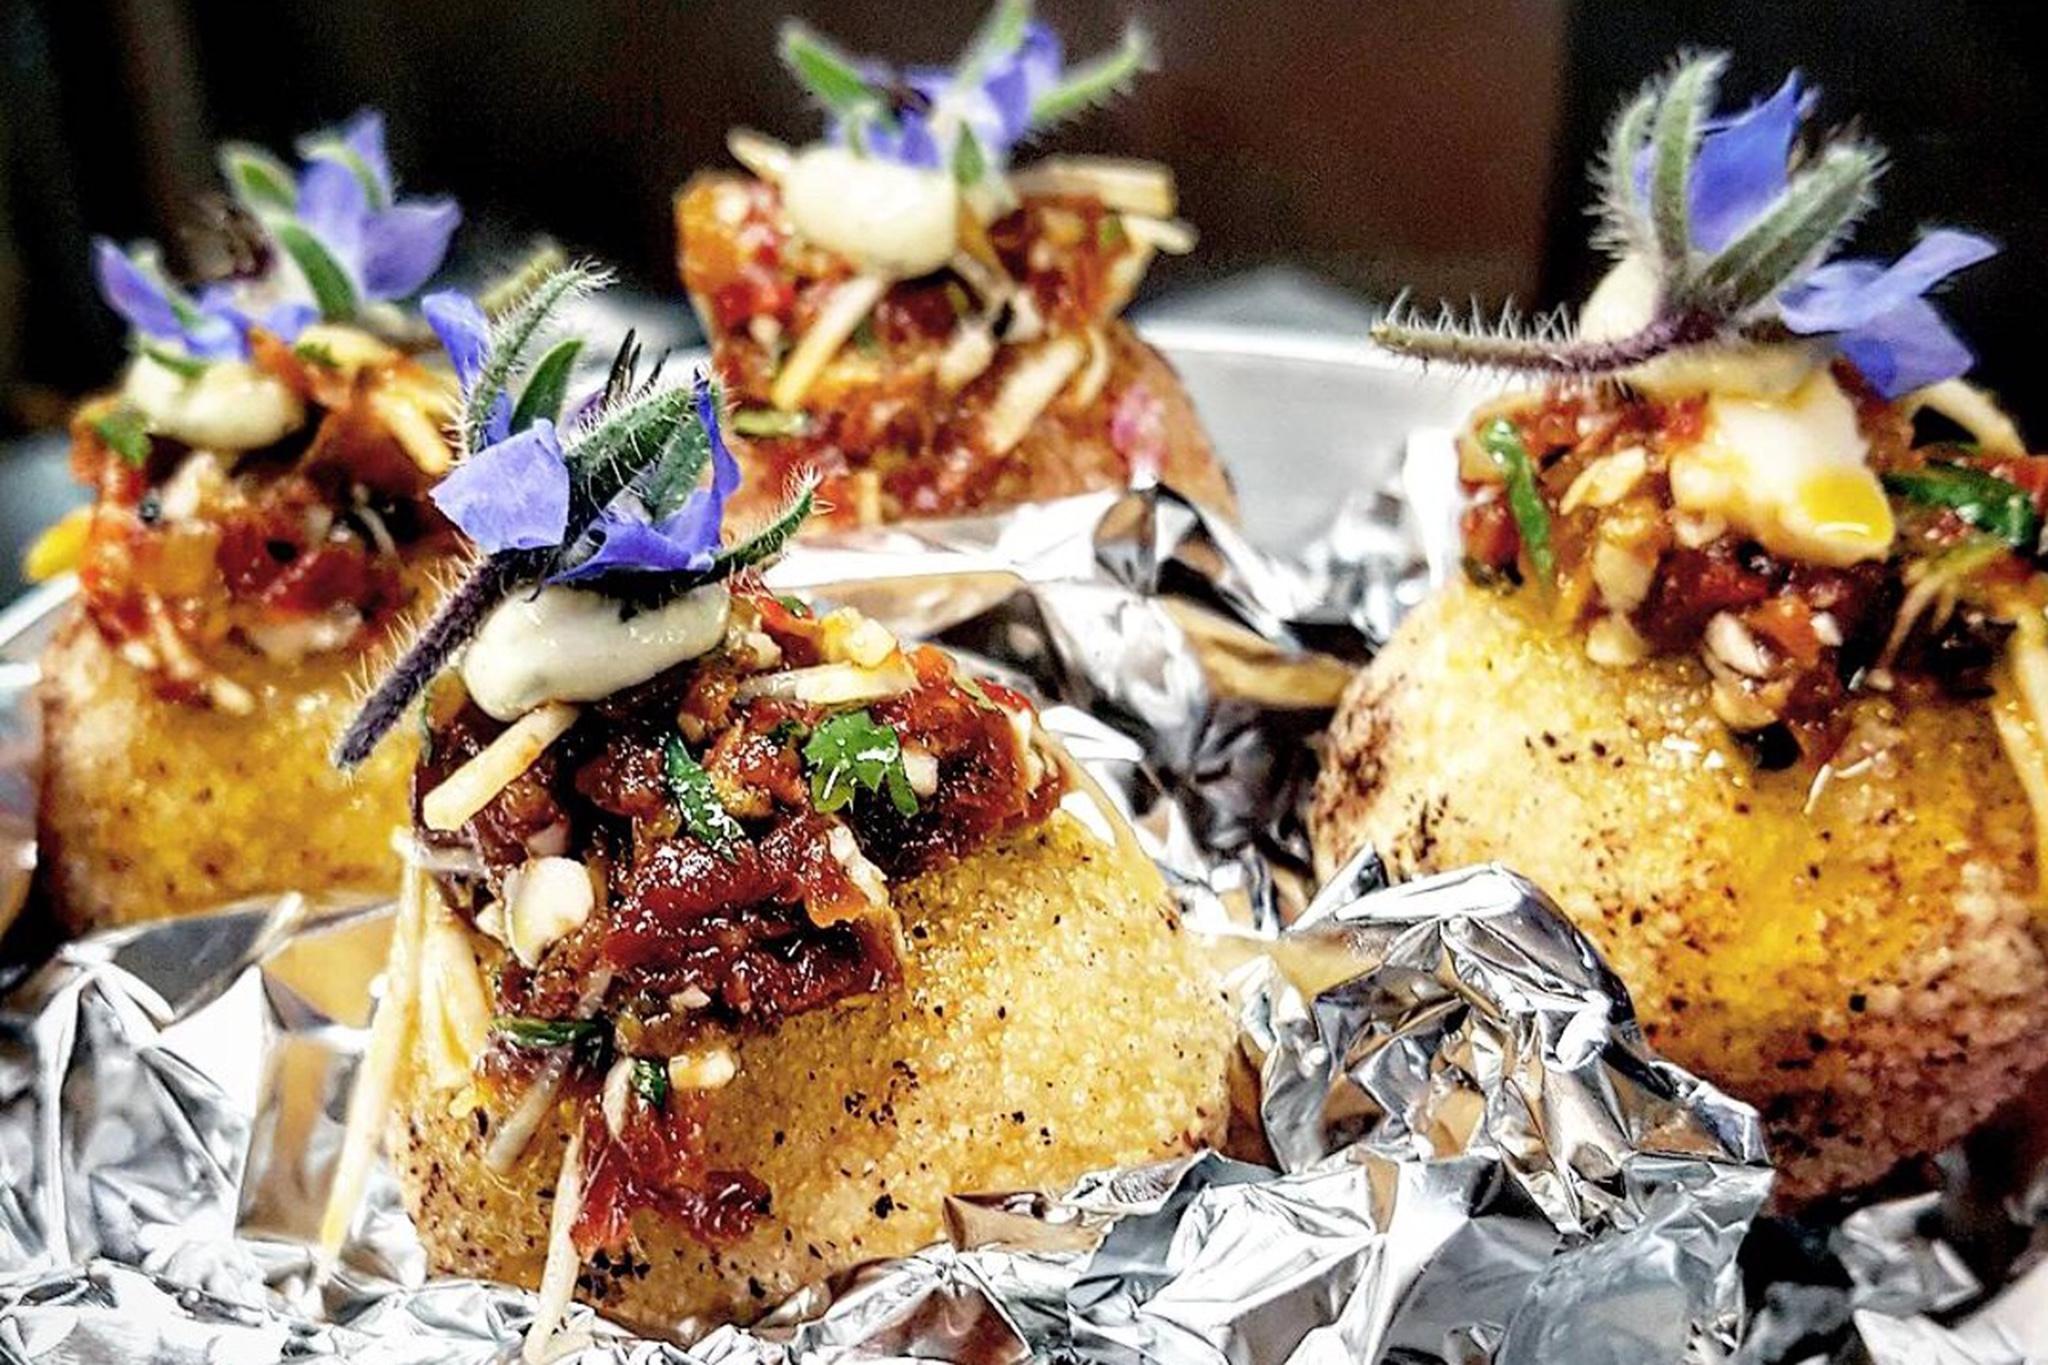 Scallop ceviche panipuri at Nur